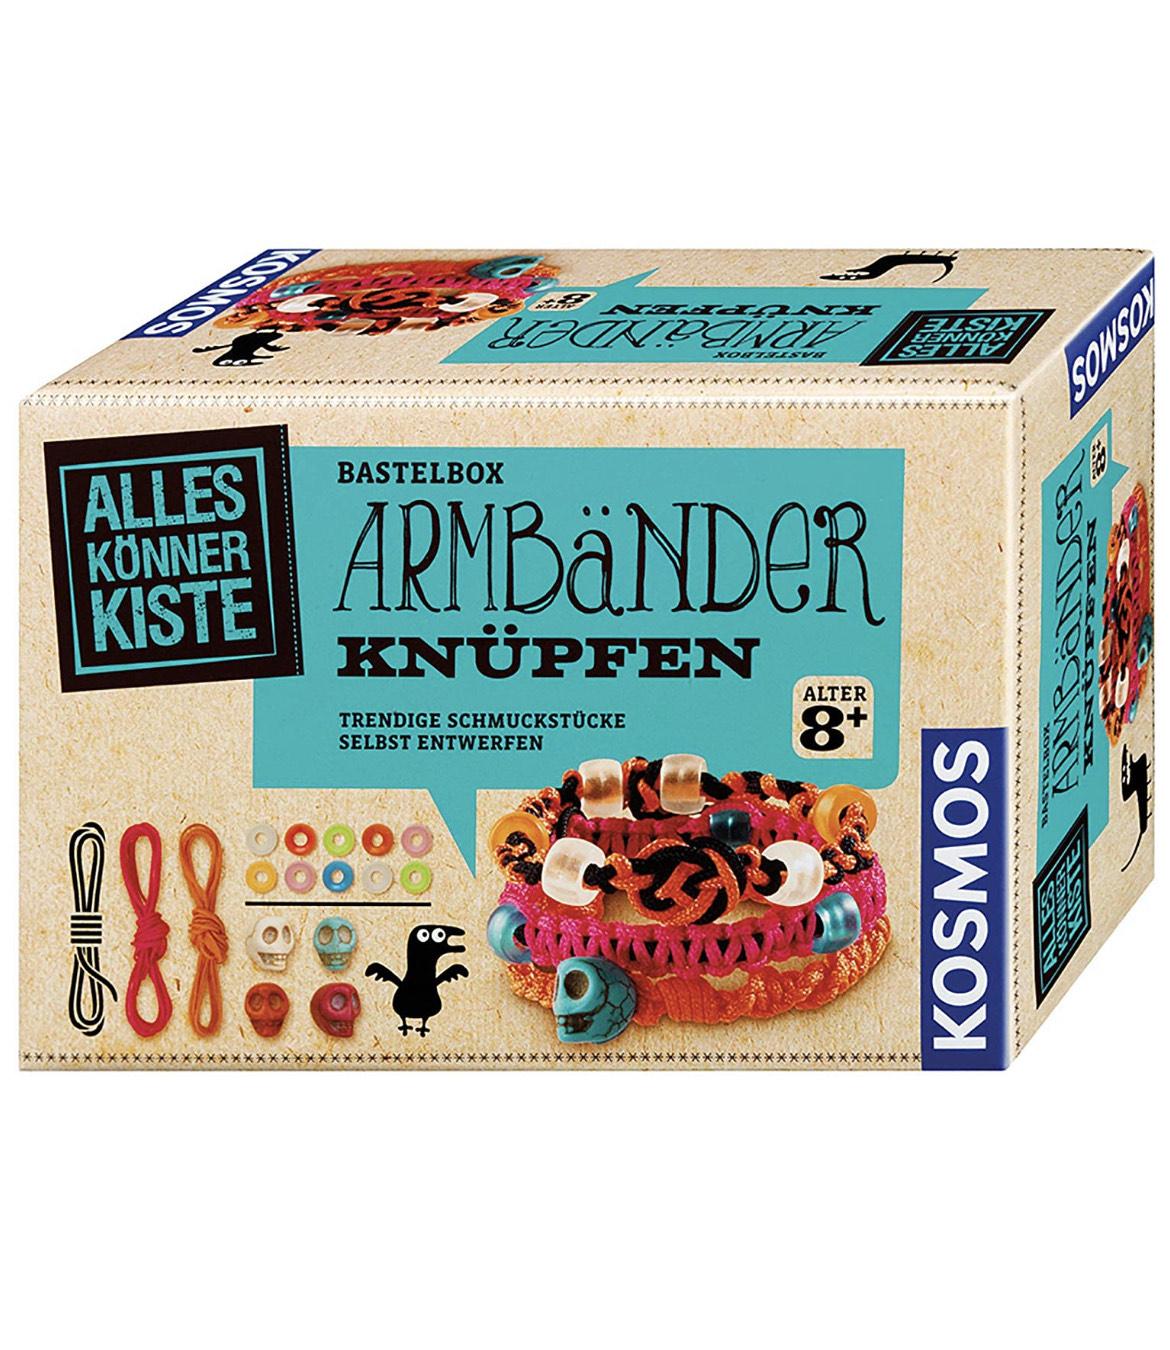 KOSMOS 604158 - AllesKönnerKiste Armbänder, DIY-Bastelset